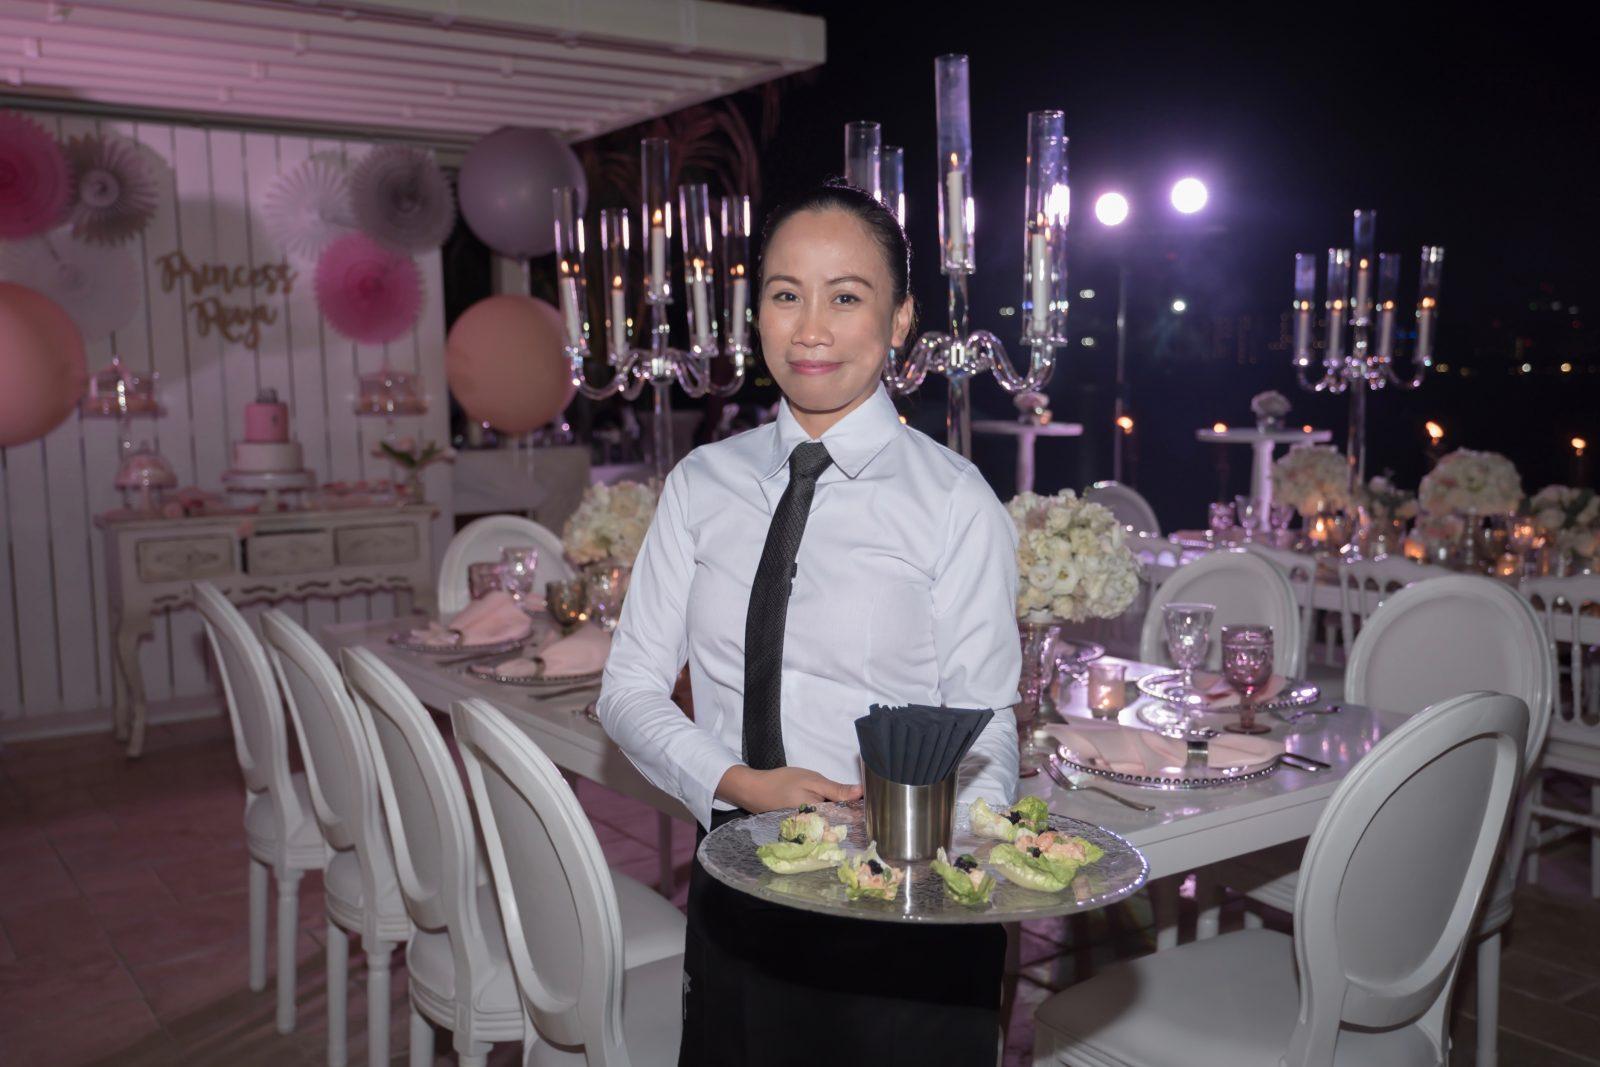 Waitress with canapés